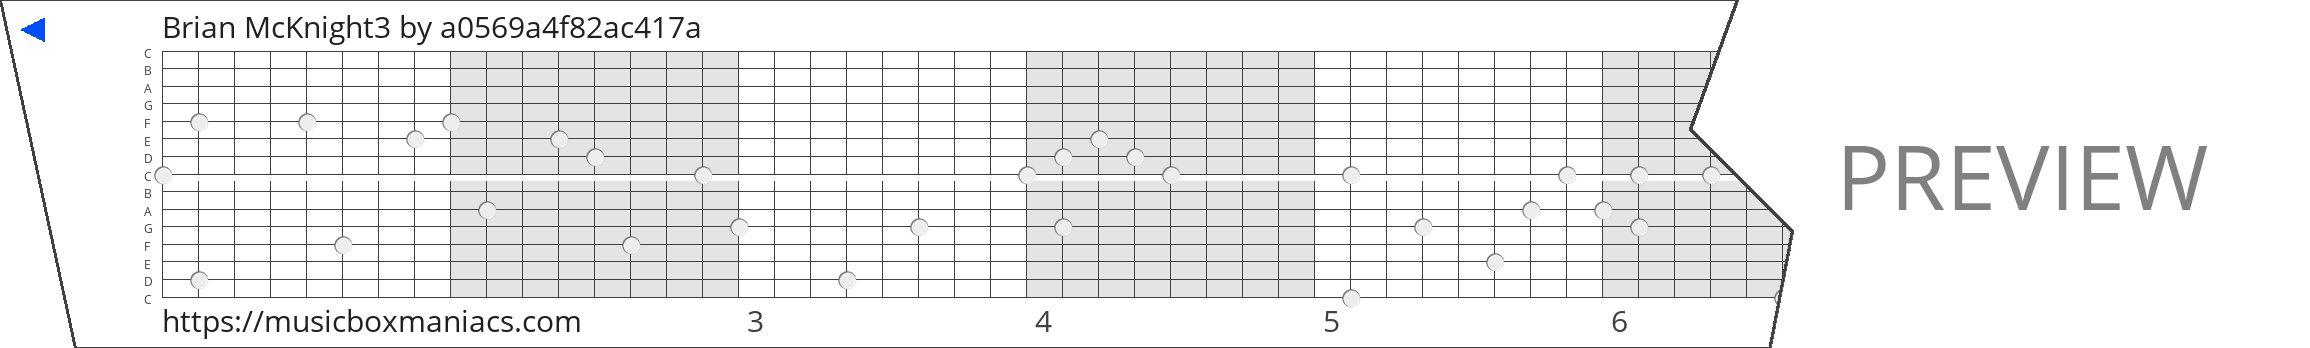 Brian McKnight3 15 note music box paper strip